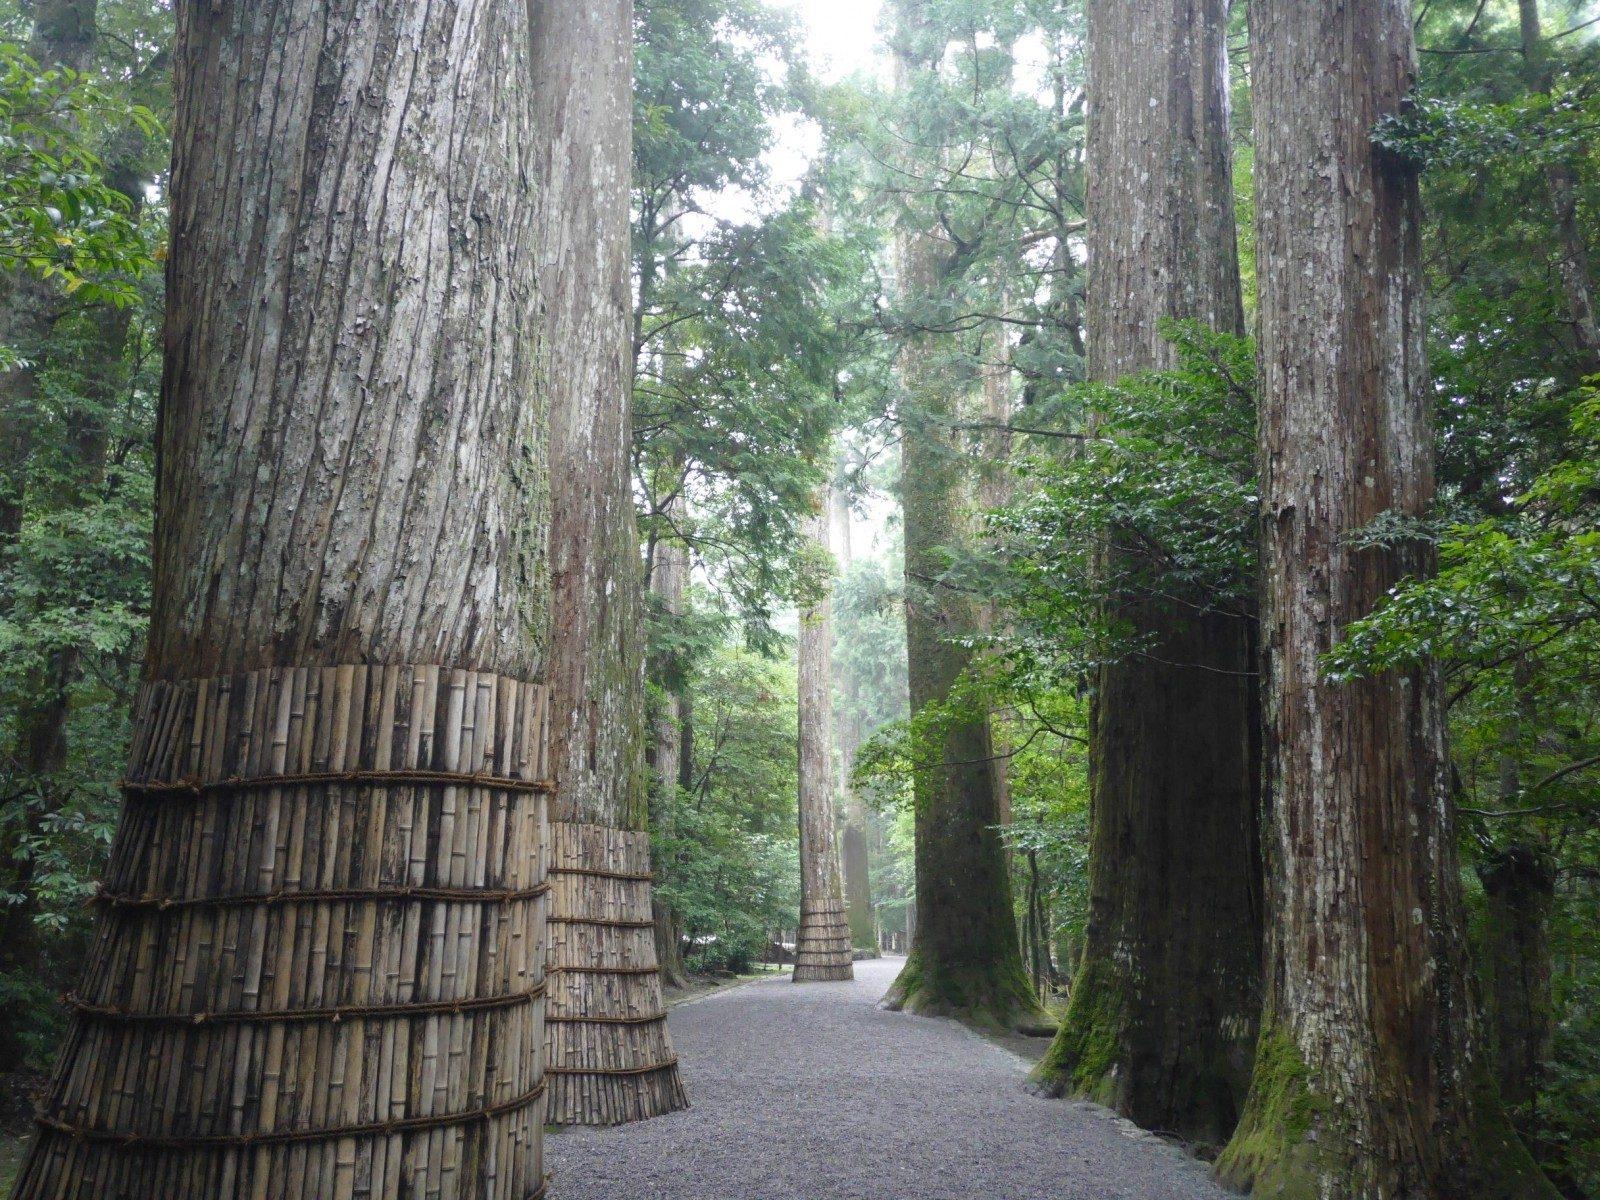 【ゼロ磁場】雨上がりの瀧原宮は幻想的なパワーを感じるスポット。